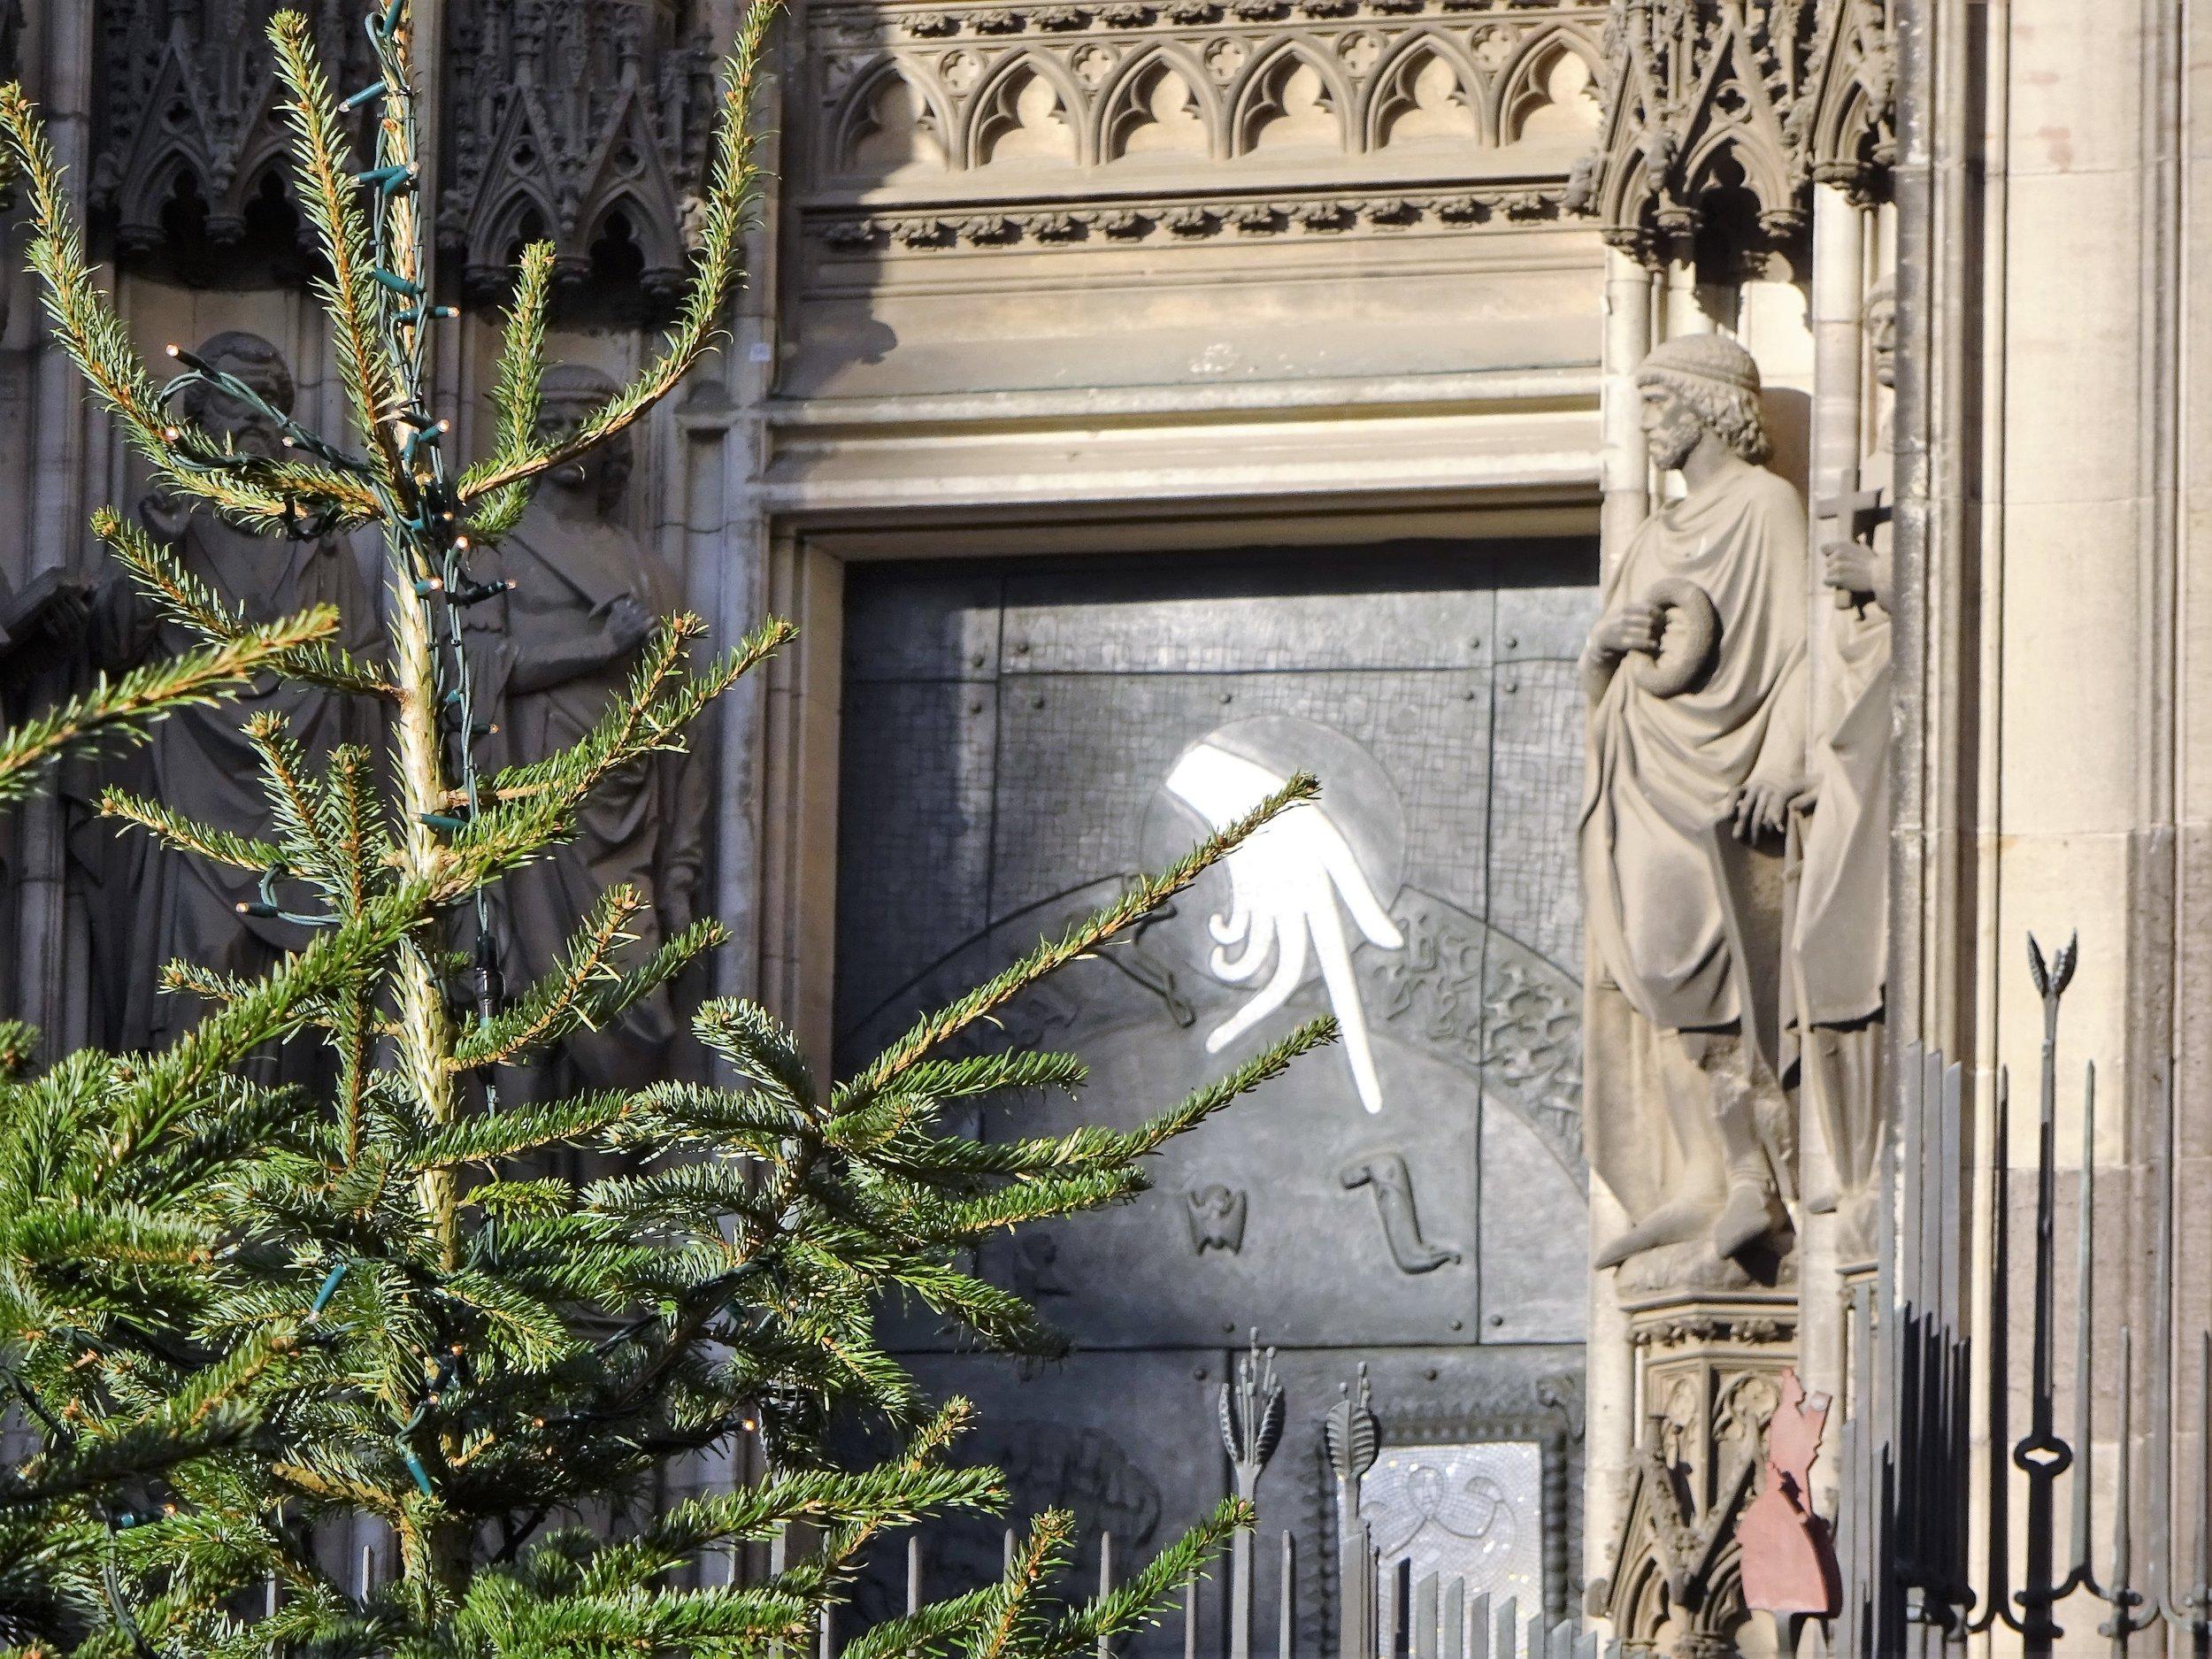 В правом нижнем углу фото (примерно там, куда указывает перст) - священники на верхушке ограды (волк убежал из кадра).